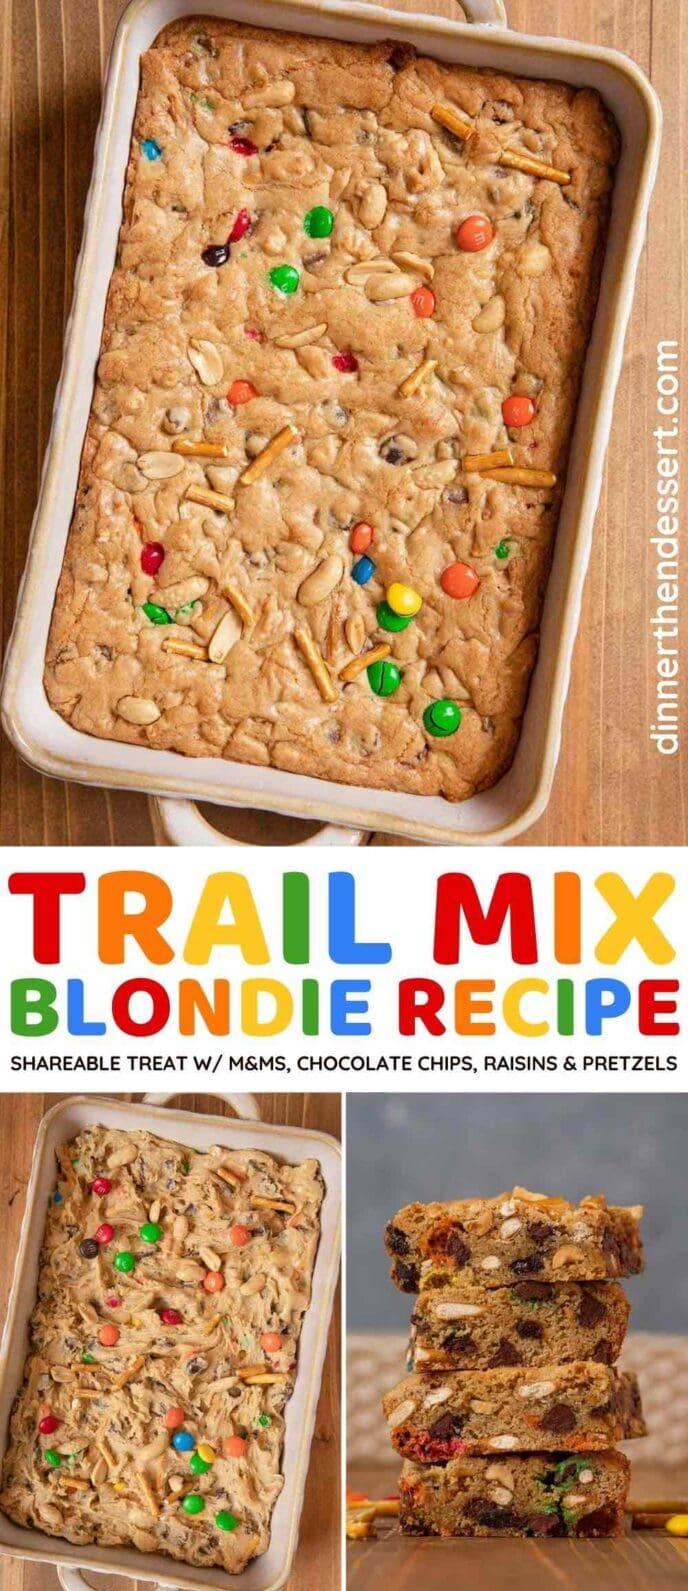 Trail Mix Blondies